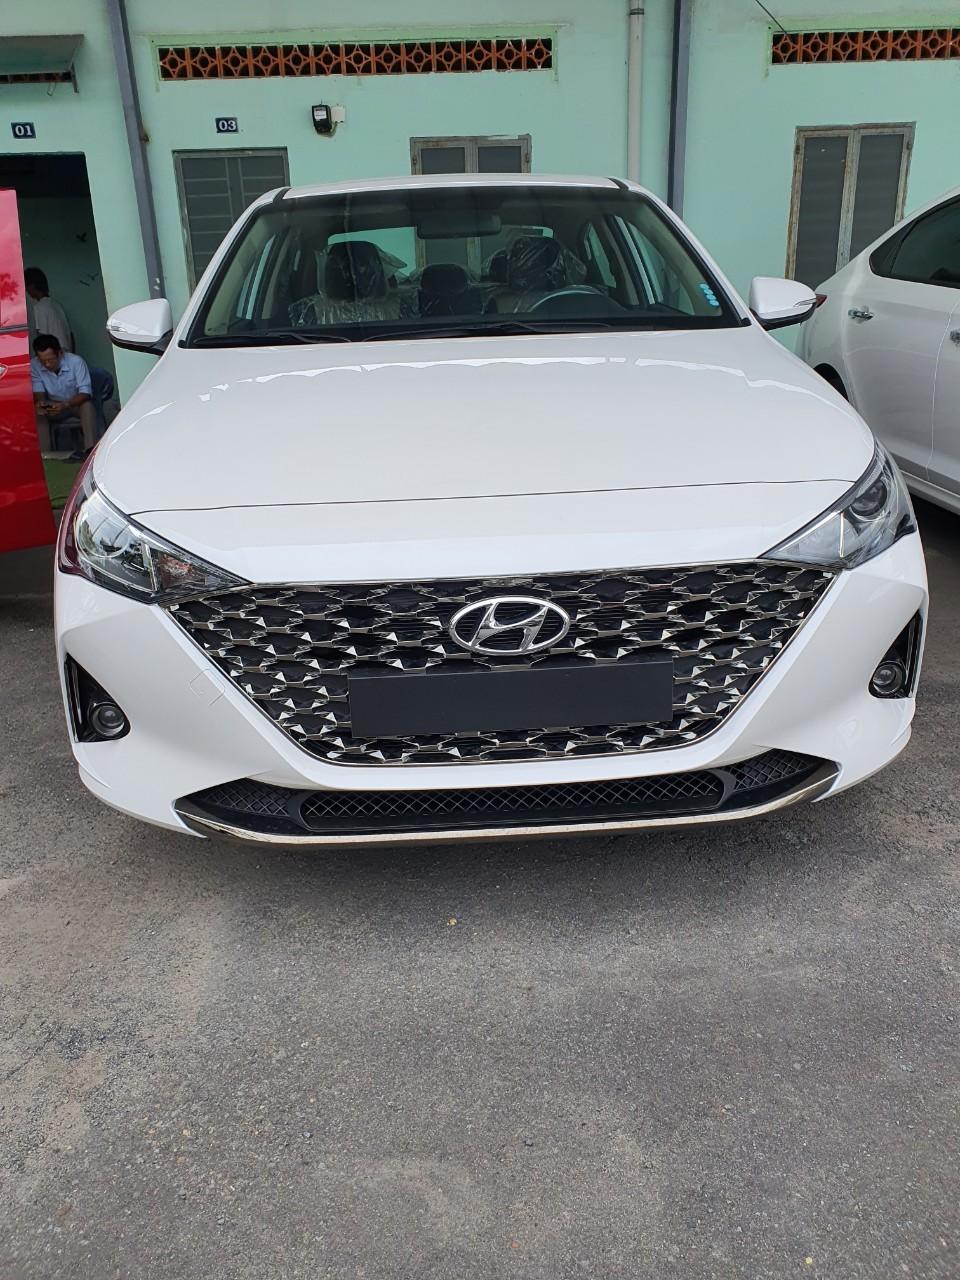 Hyundai Accent AT tiêu chuẩn 2021, km phụ kiện hấp dẫn. Nhận xe chỉ 160 triệu